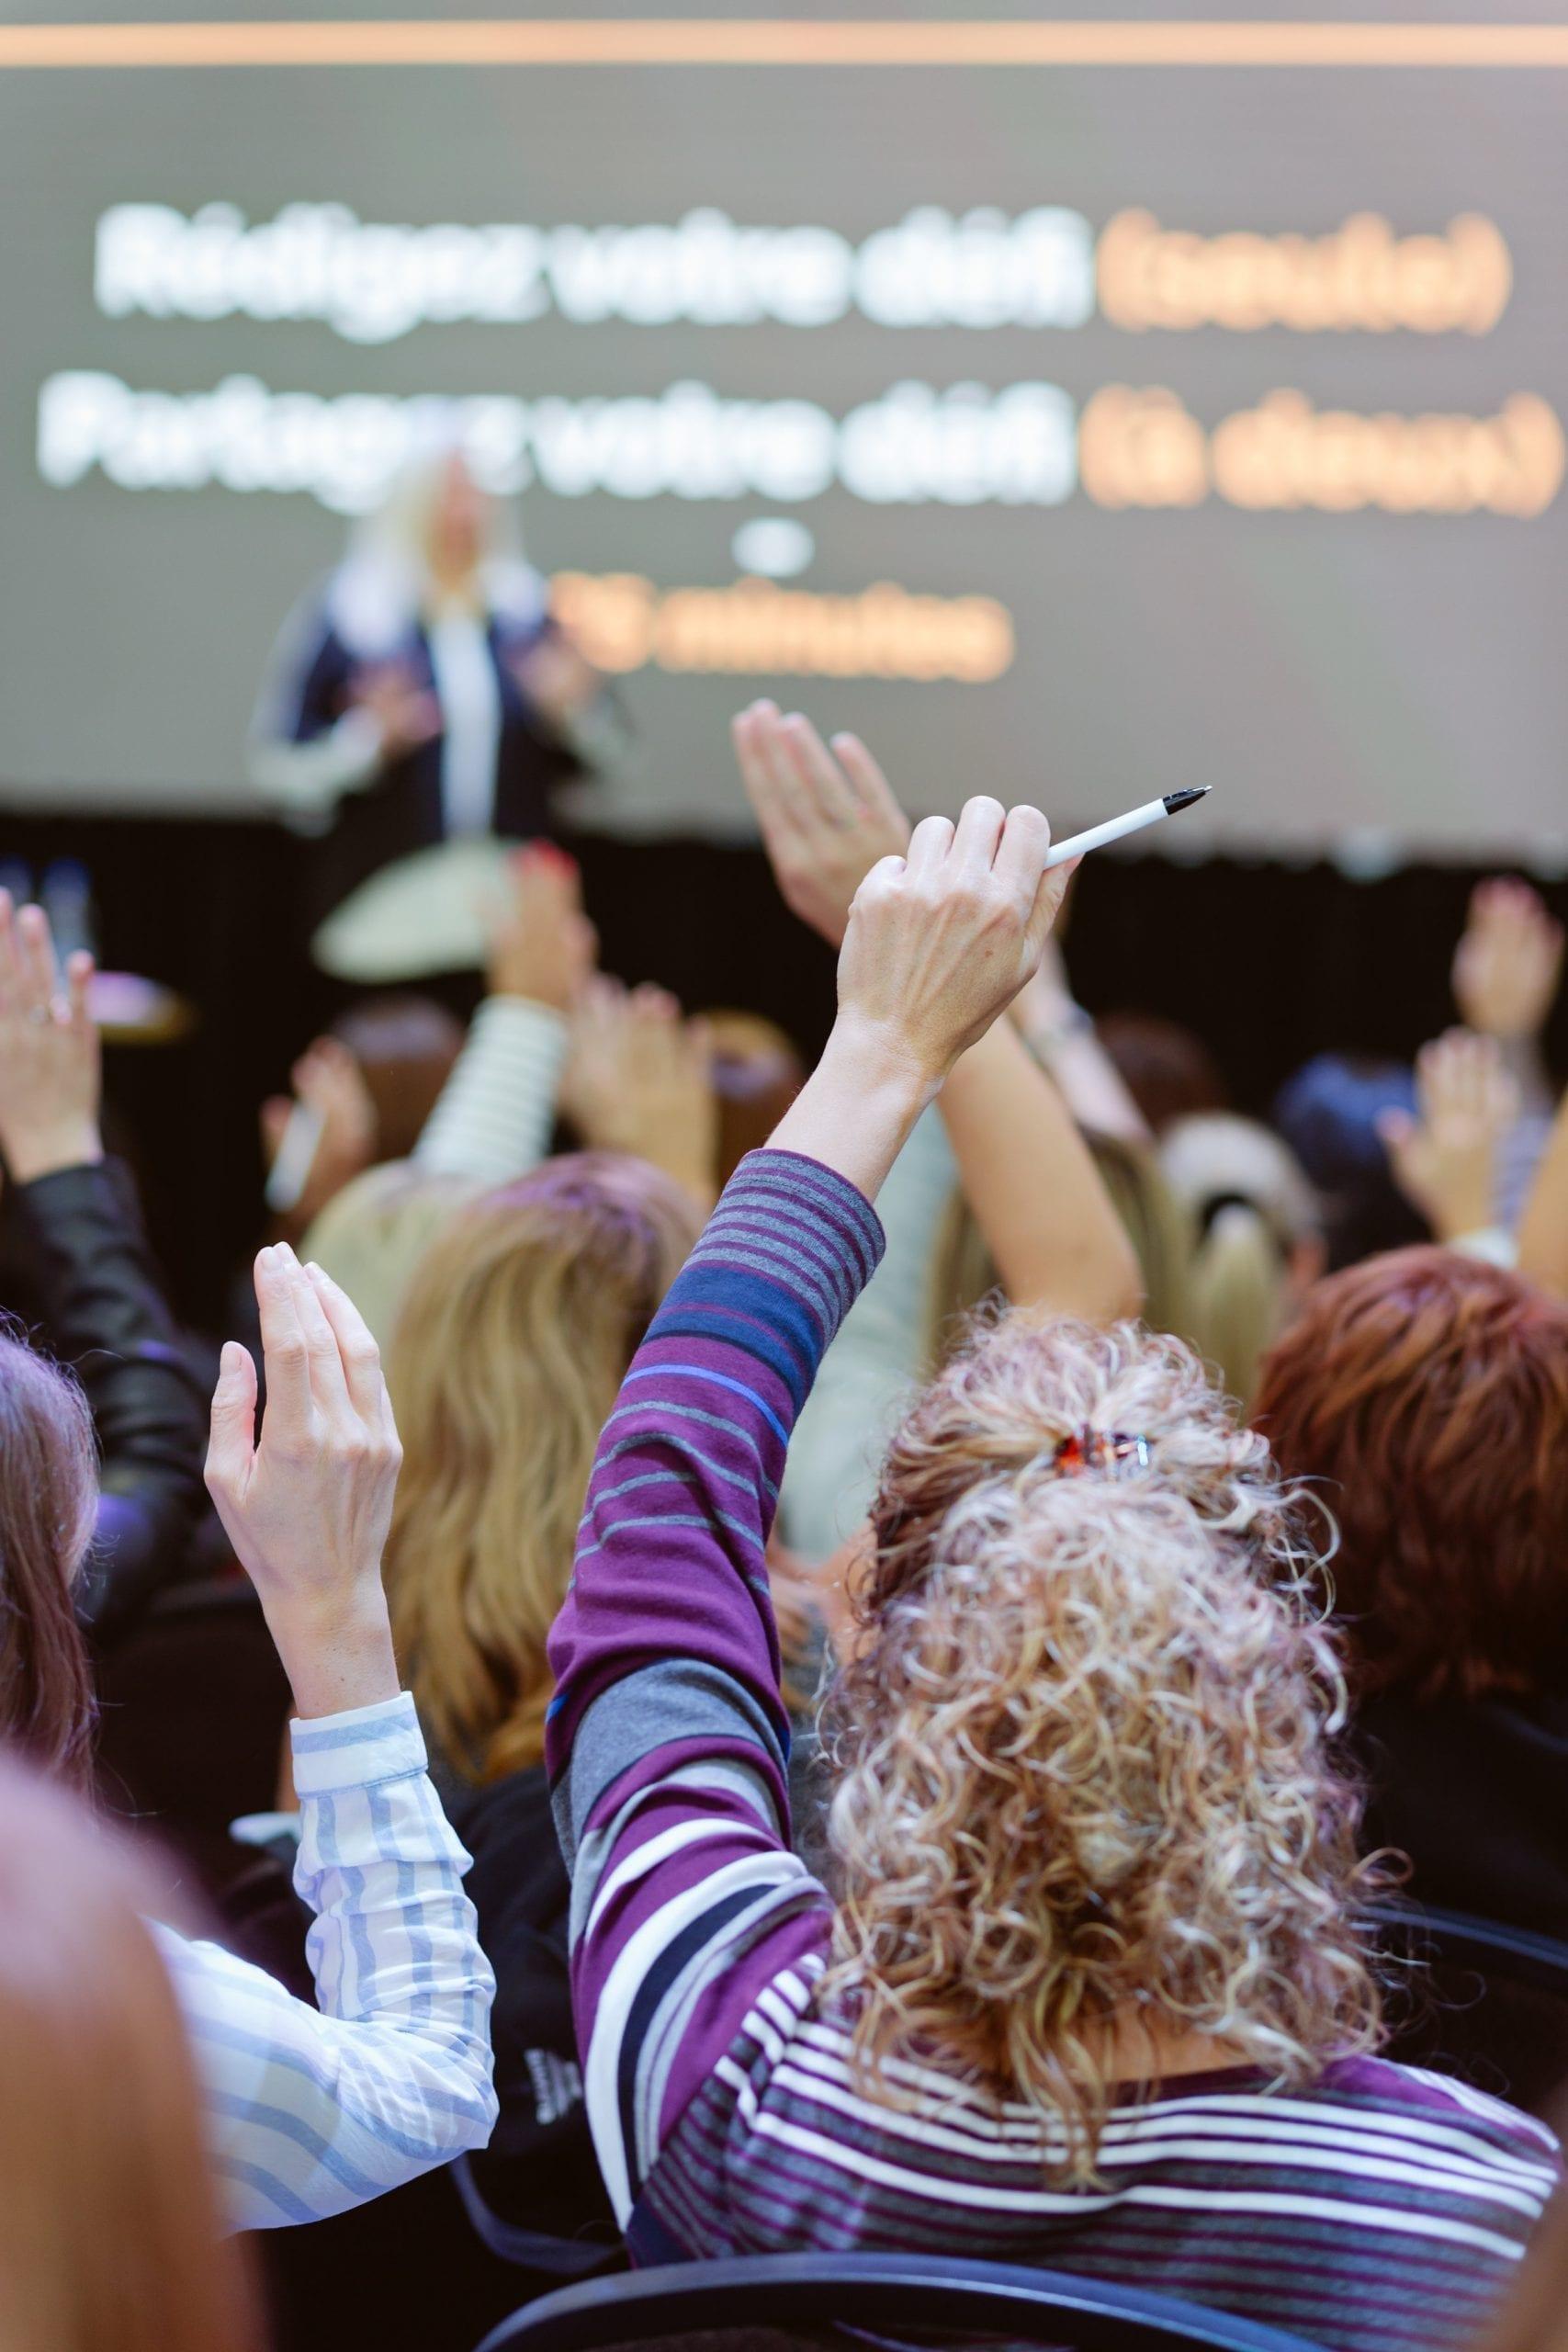 Femmes qui lèvent la main lors d'une conférence aux locaux L'effet A.